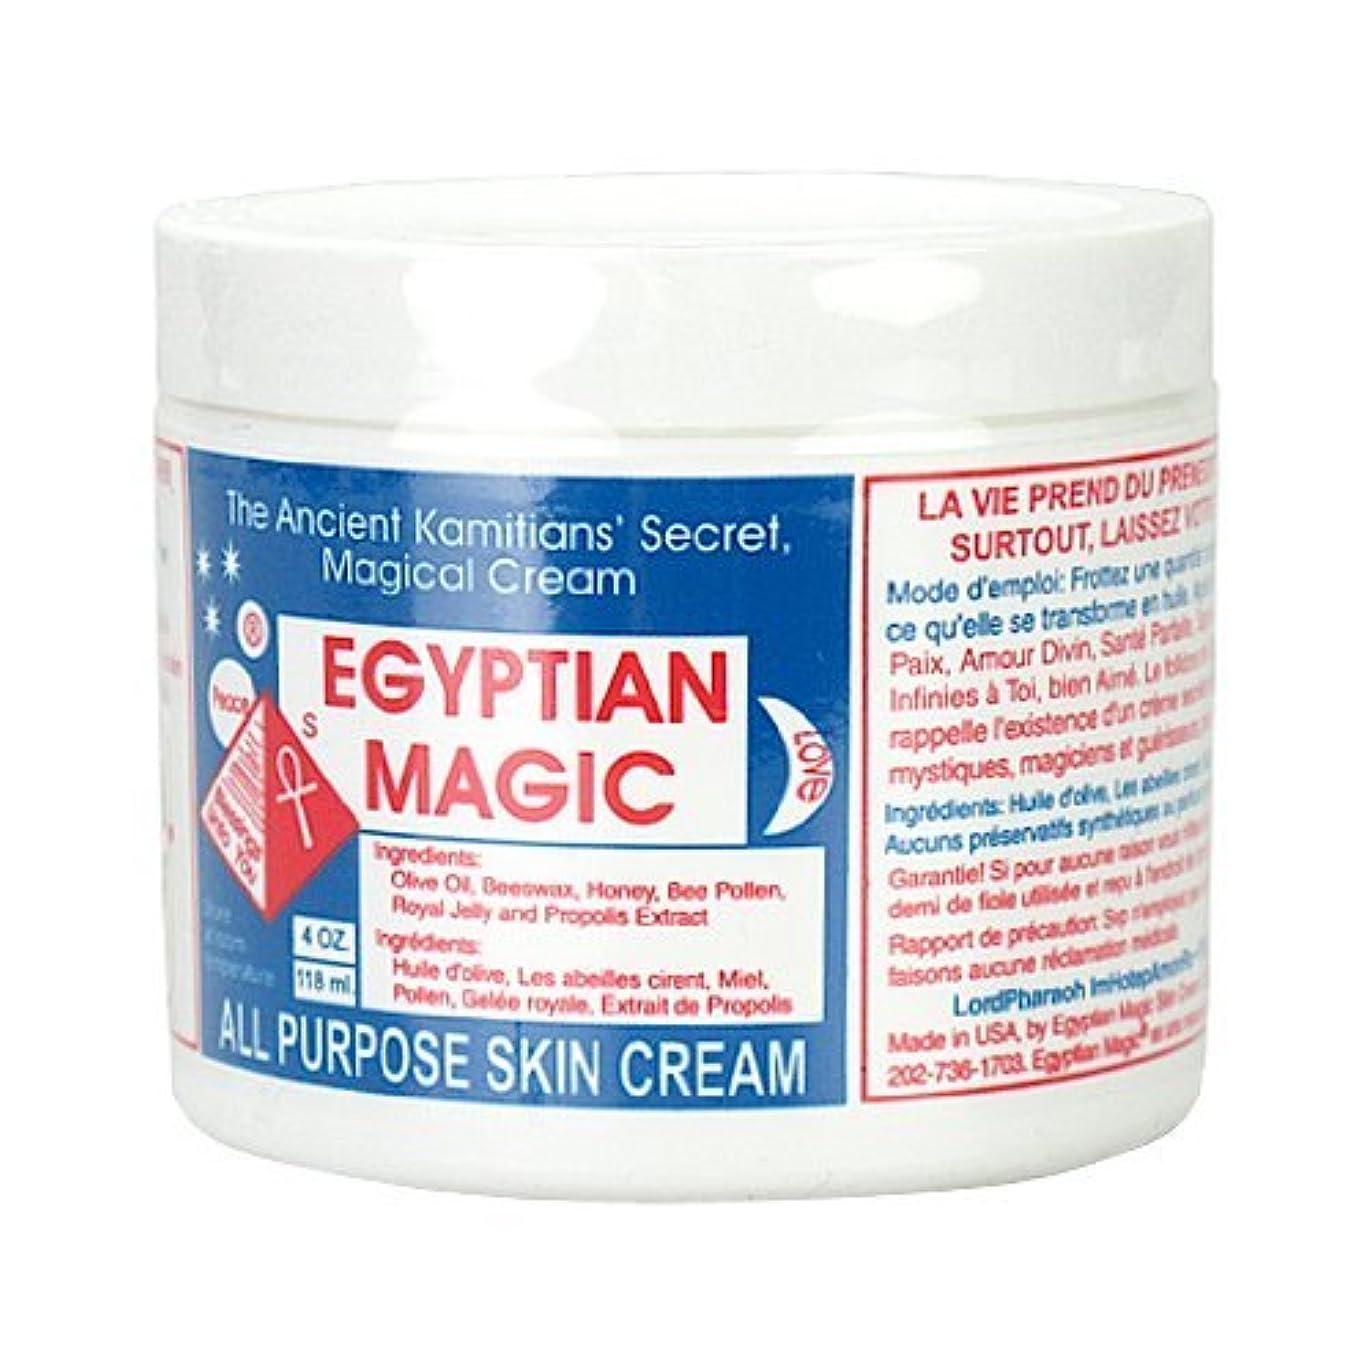 対処意志コミュニティエジプシャンマジック EGYPTIAN MAGIC エジプシャン マジック クリーム 118ml 保湿クリーム